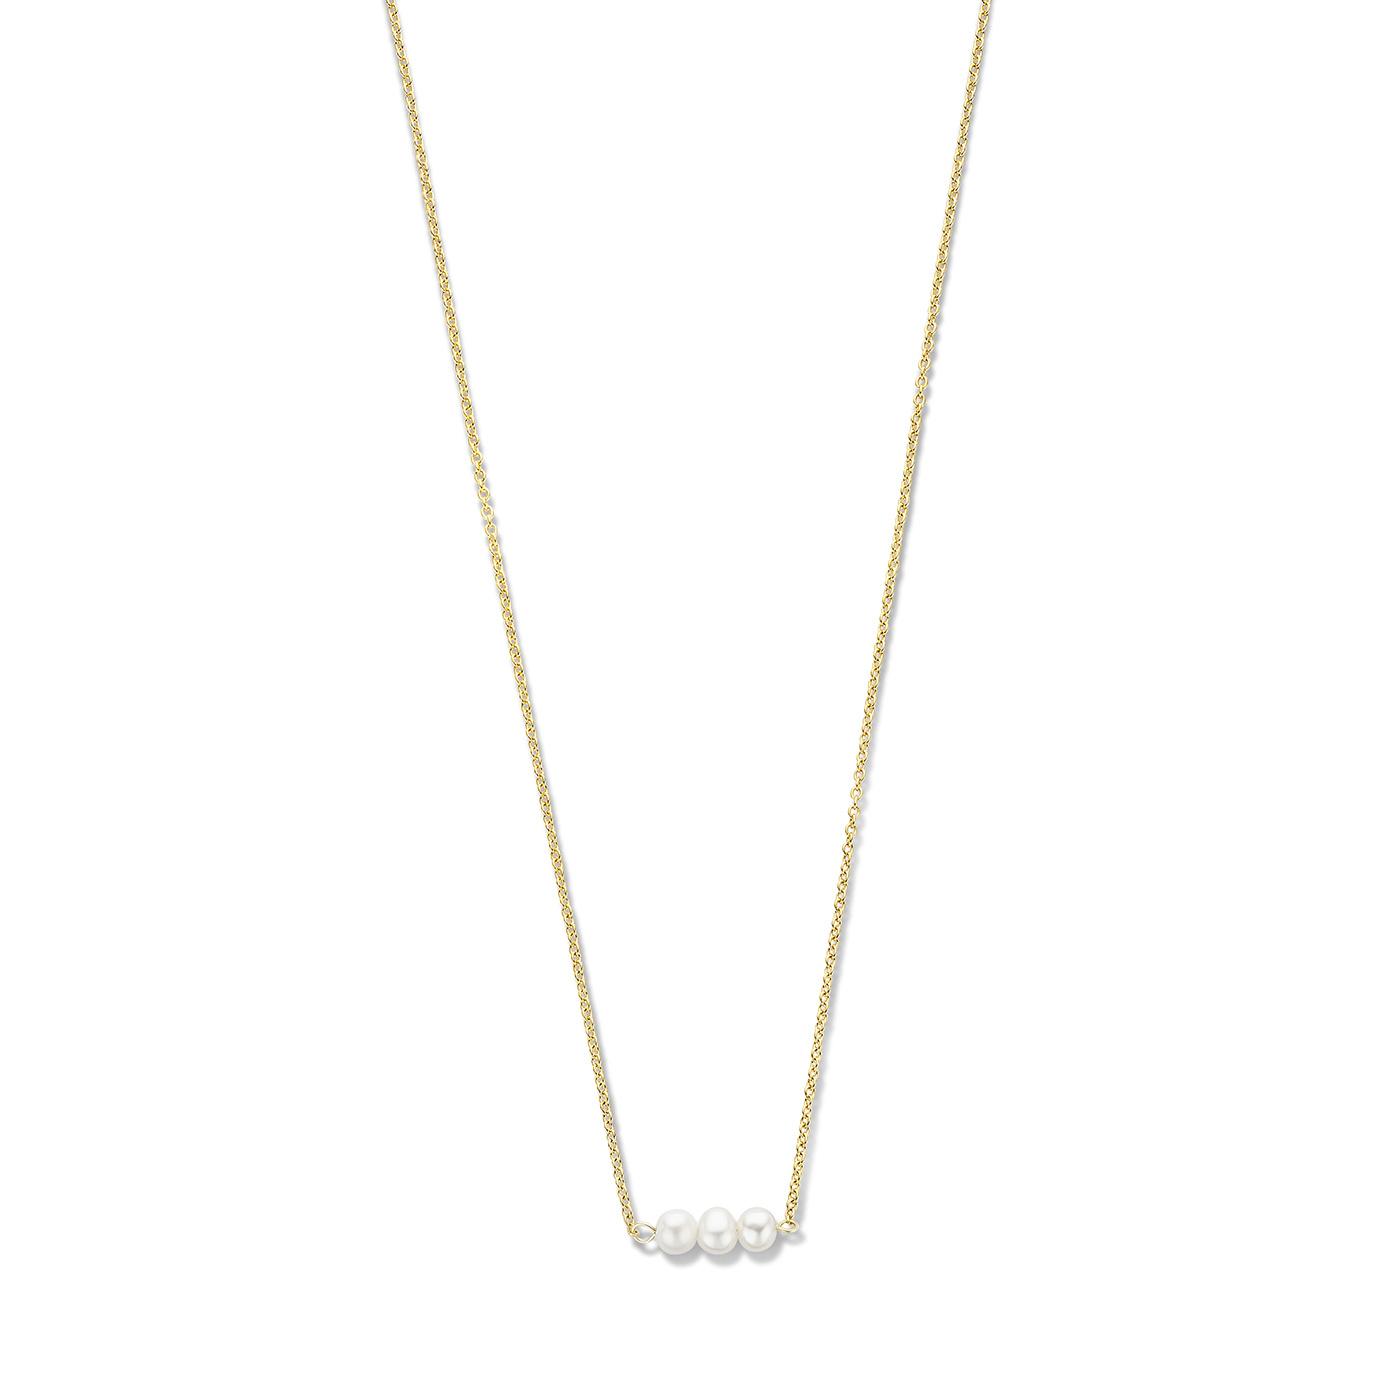 Violet Hamden Luminous Lake guldfärgat halsband i 925 sterlingsilver med sötvattenspärlor